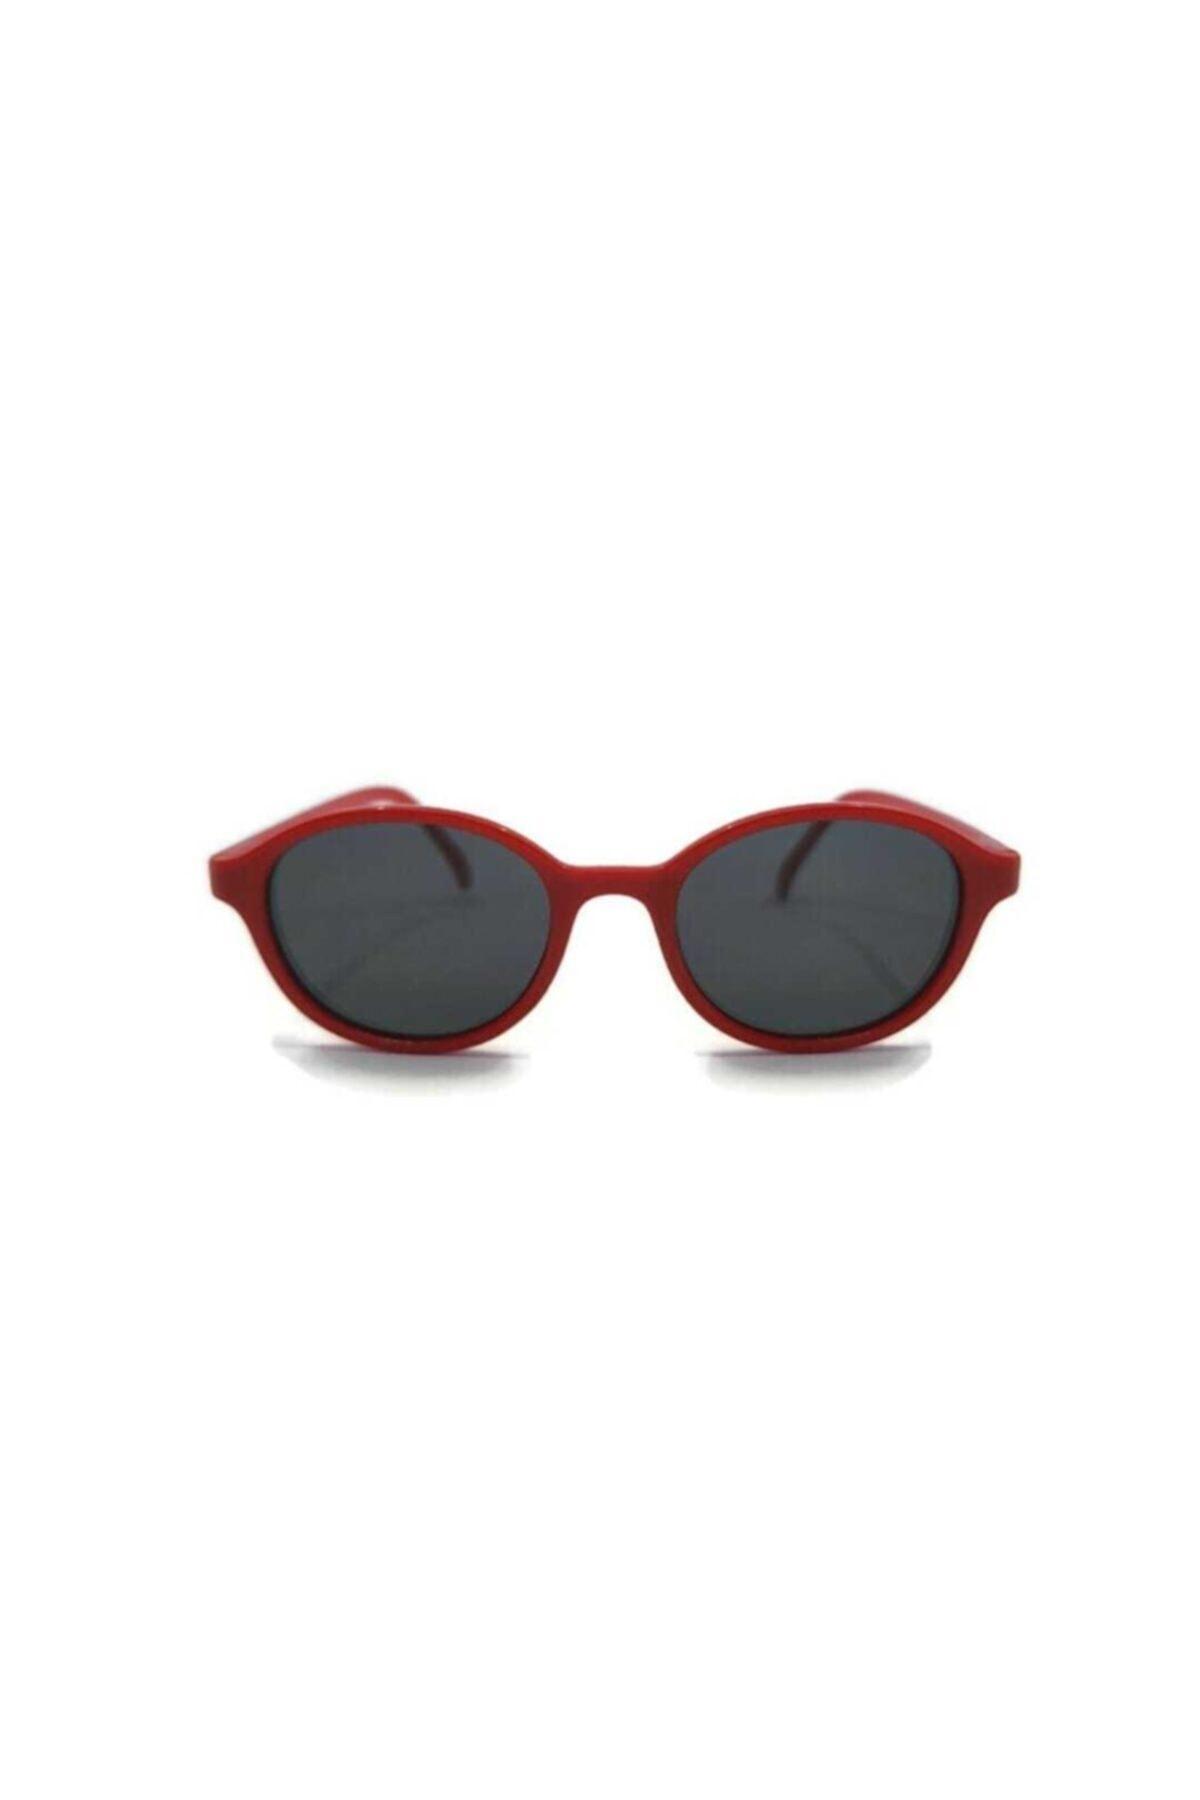 فروش عینک آفتابی دخترانه فانتزی برند PETİTO رنگ قرمز ty96528996